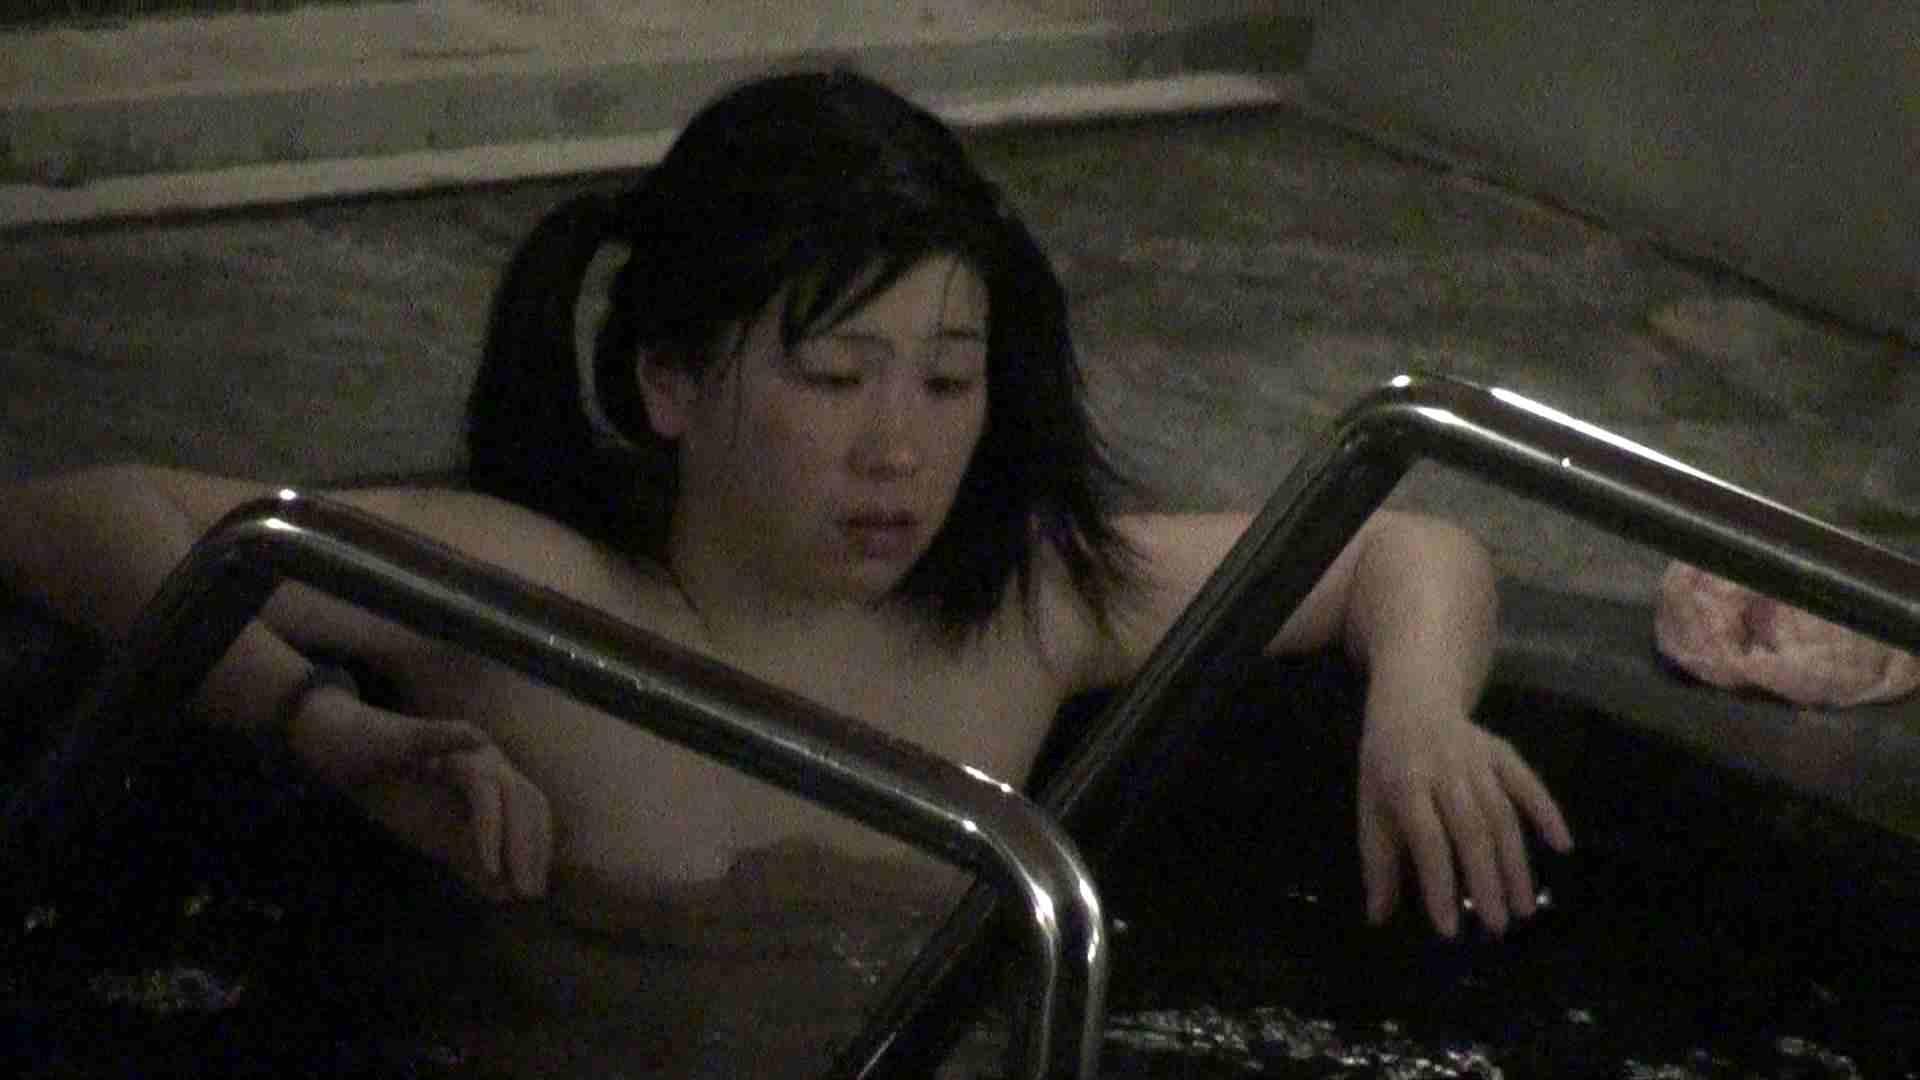 Aquaな露天風呂Vol.332 露天 | 綺麗なOLたち  58枚 34